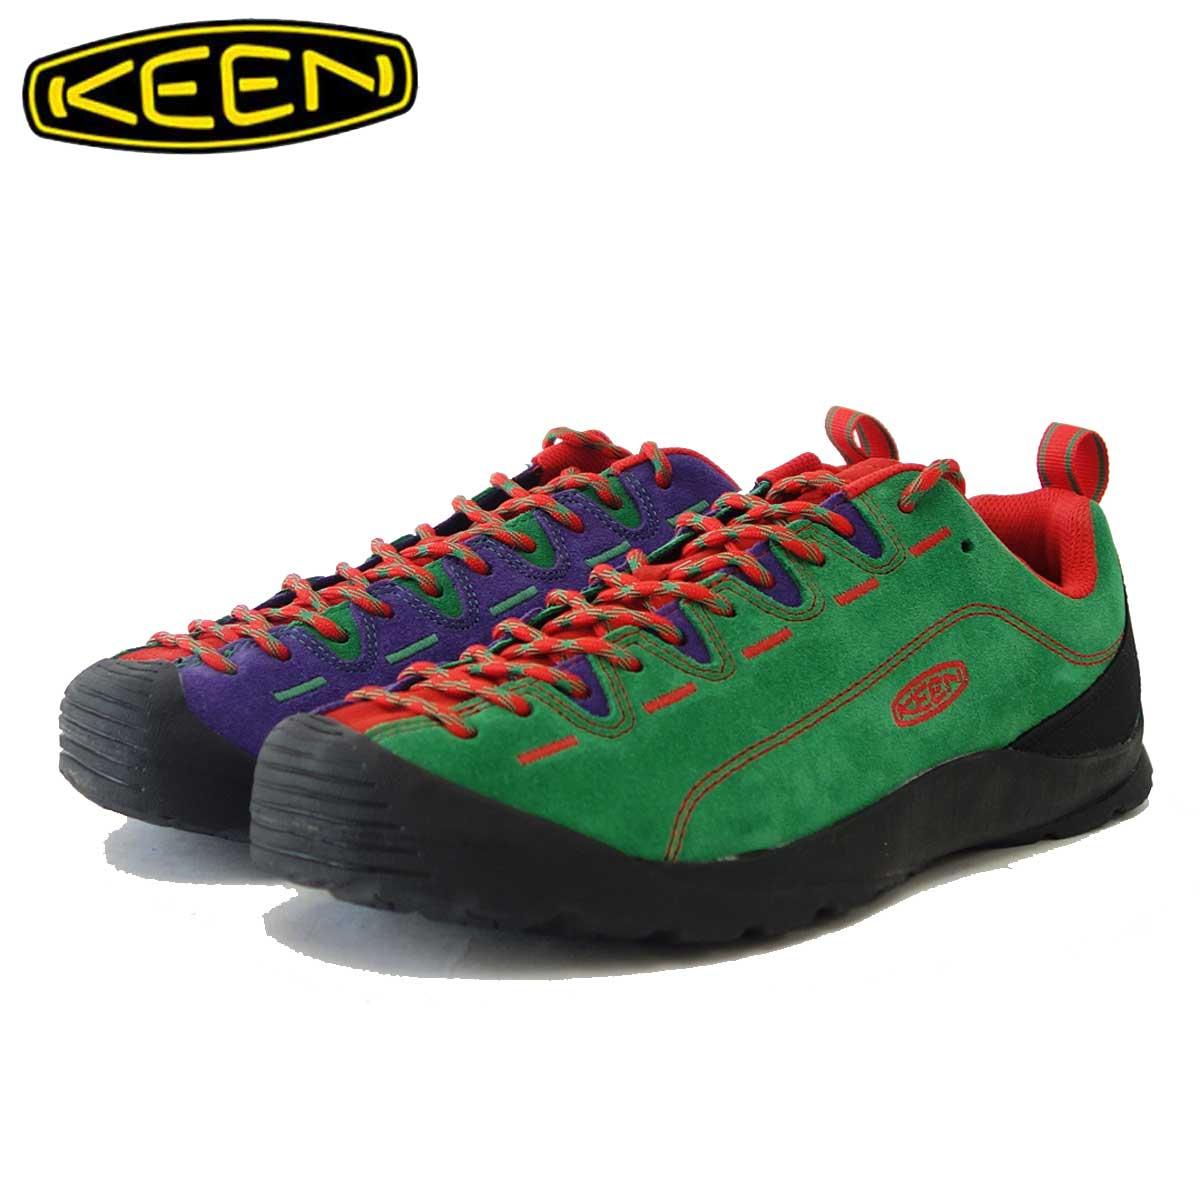 キーン KEEN JASPER ジャスパー 1019466(メンズ)カラー:Green/Red/Purple